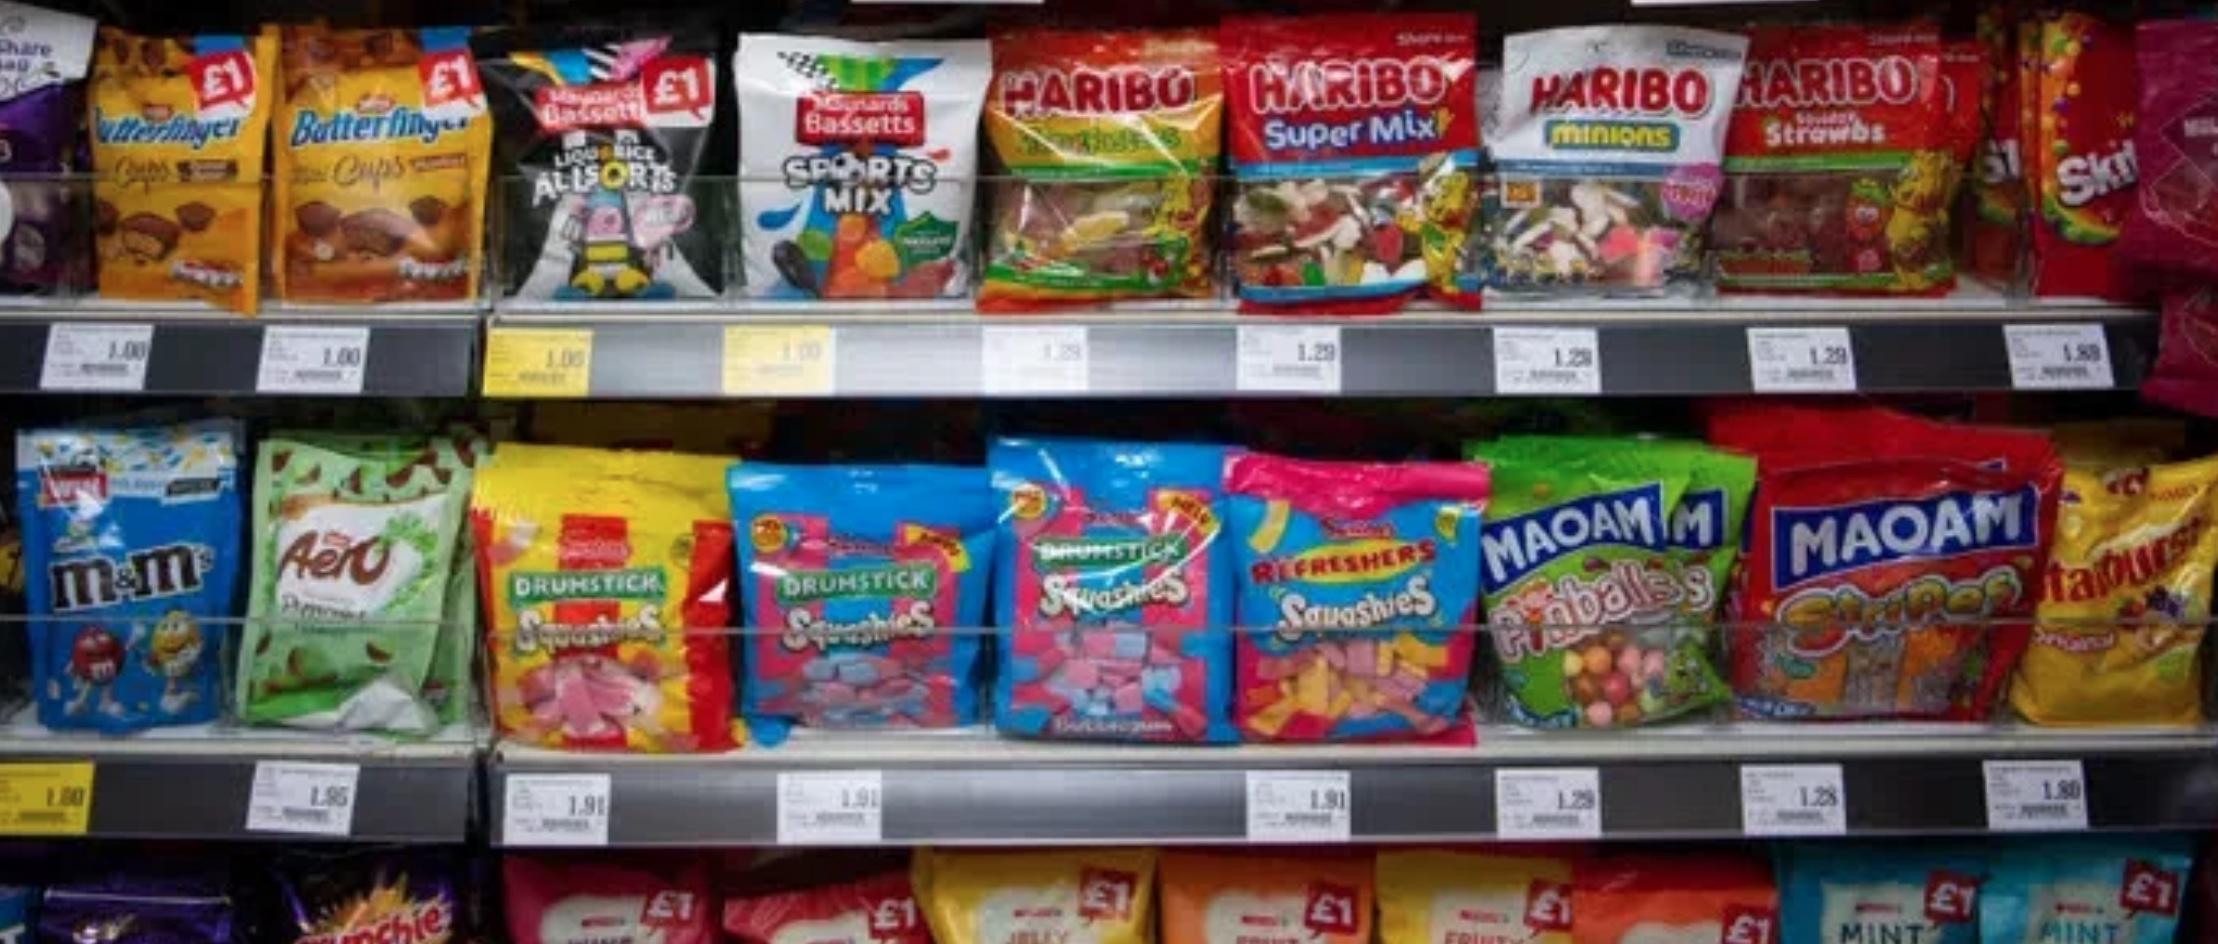 Capture decran 2021 01 12 a 08.22.18 - Les sucreries bannis des caisses des supermarchés en Angleterre